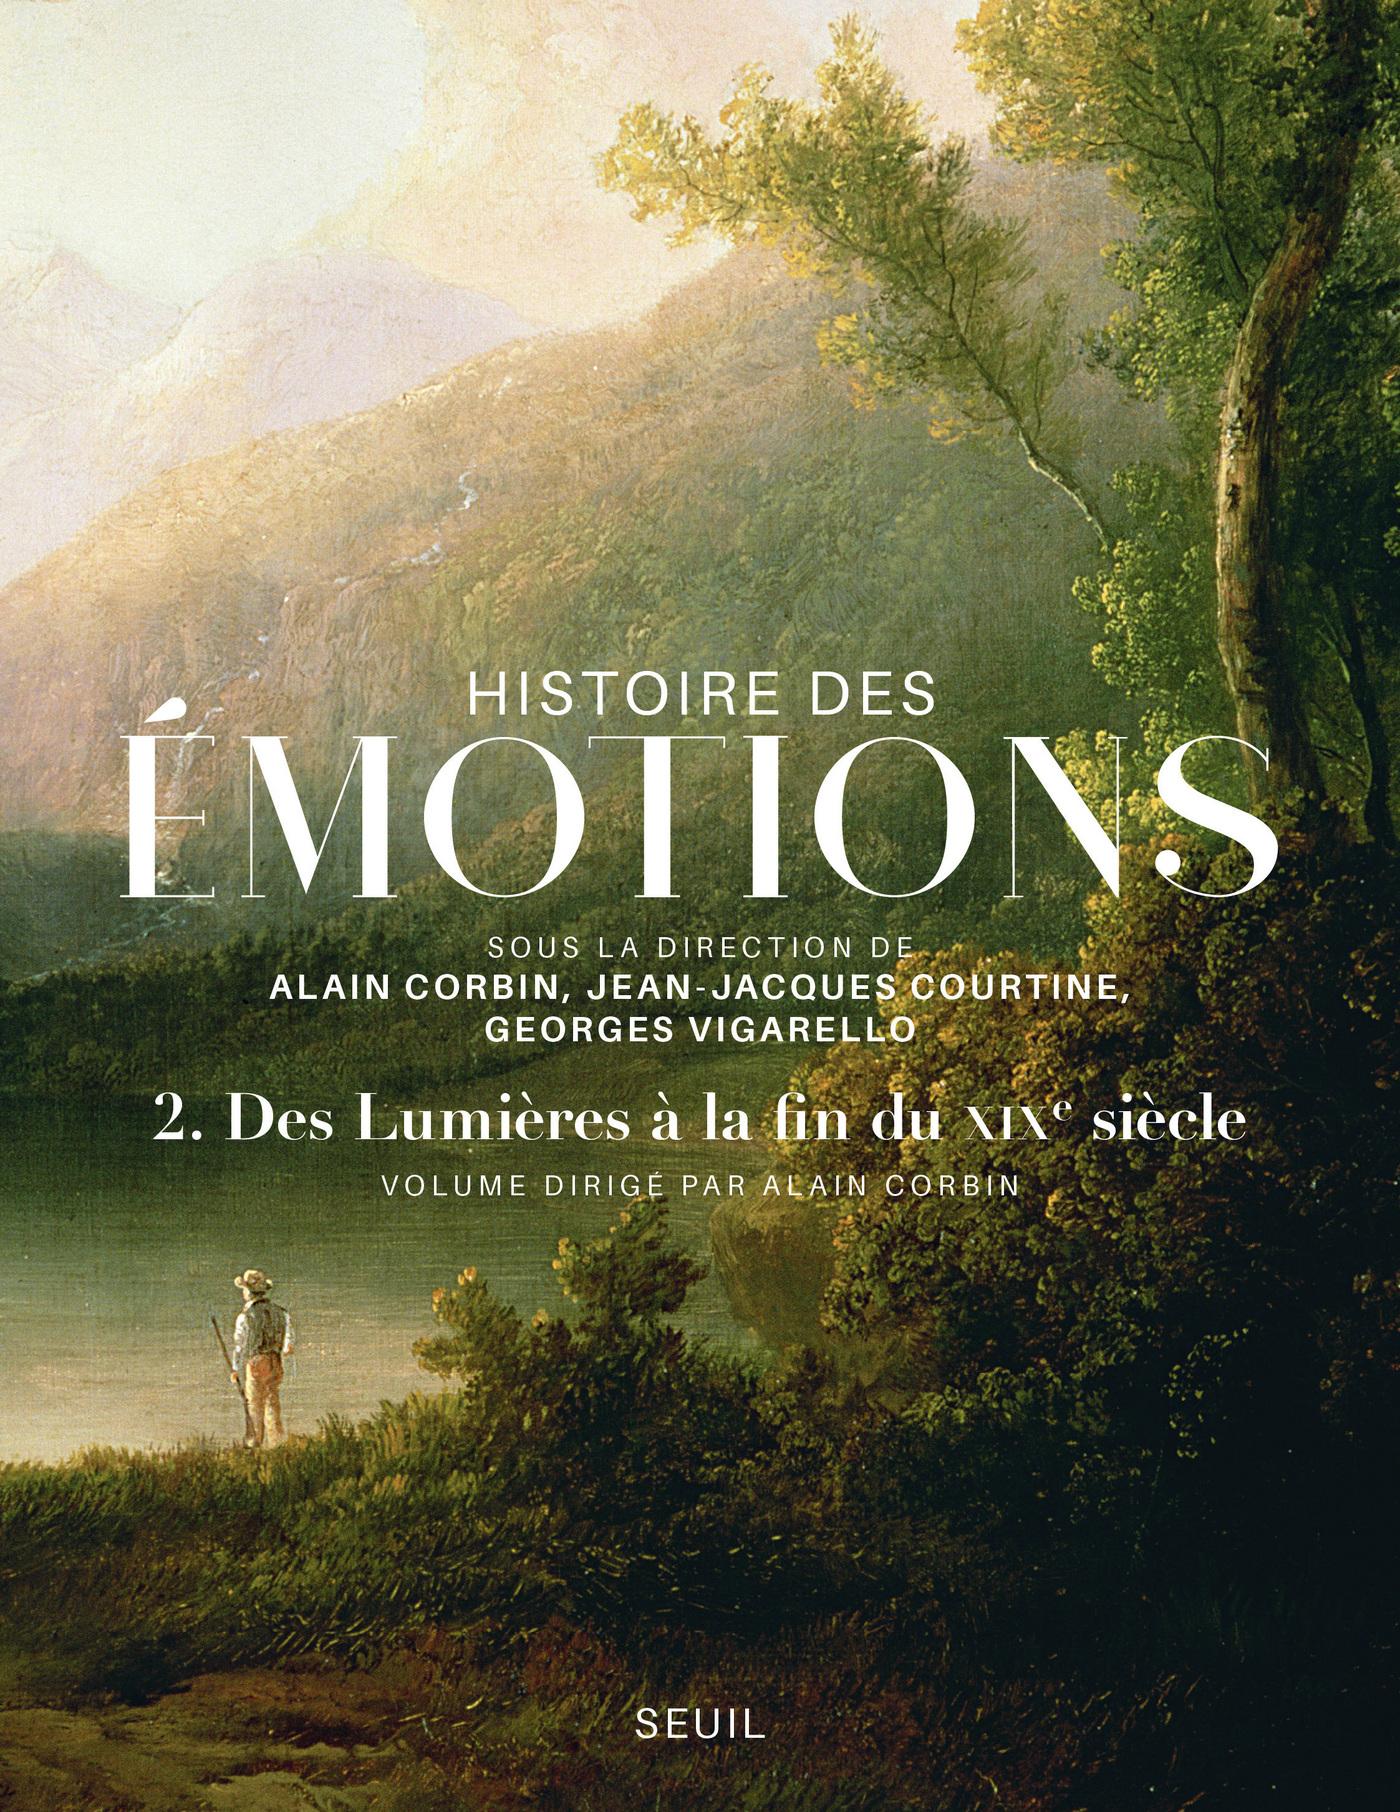 Histoire des émotions, vol. 2. Des Lumières à la fin du XIXe siècle